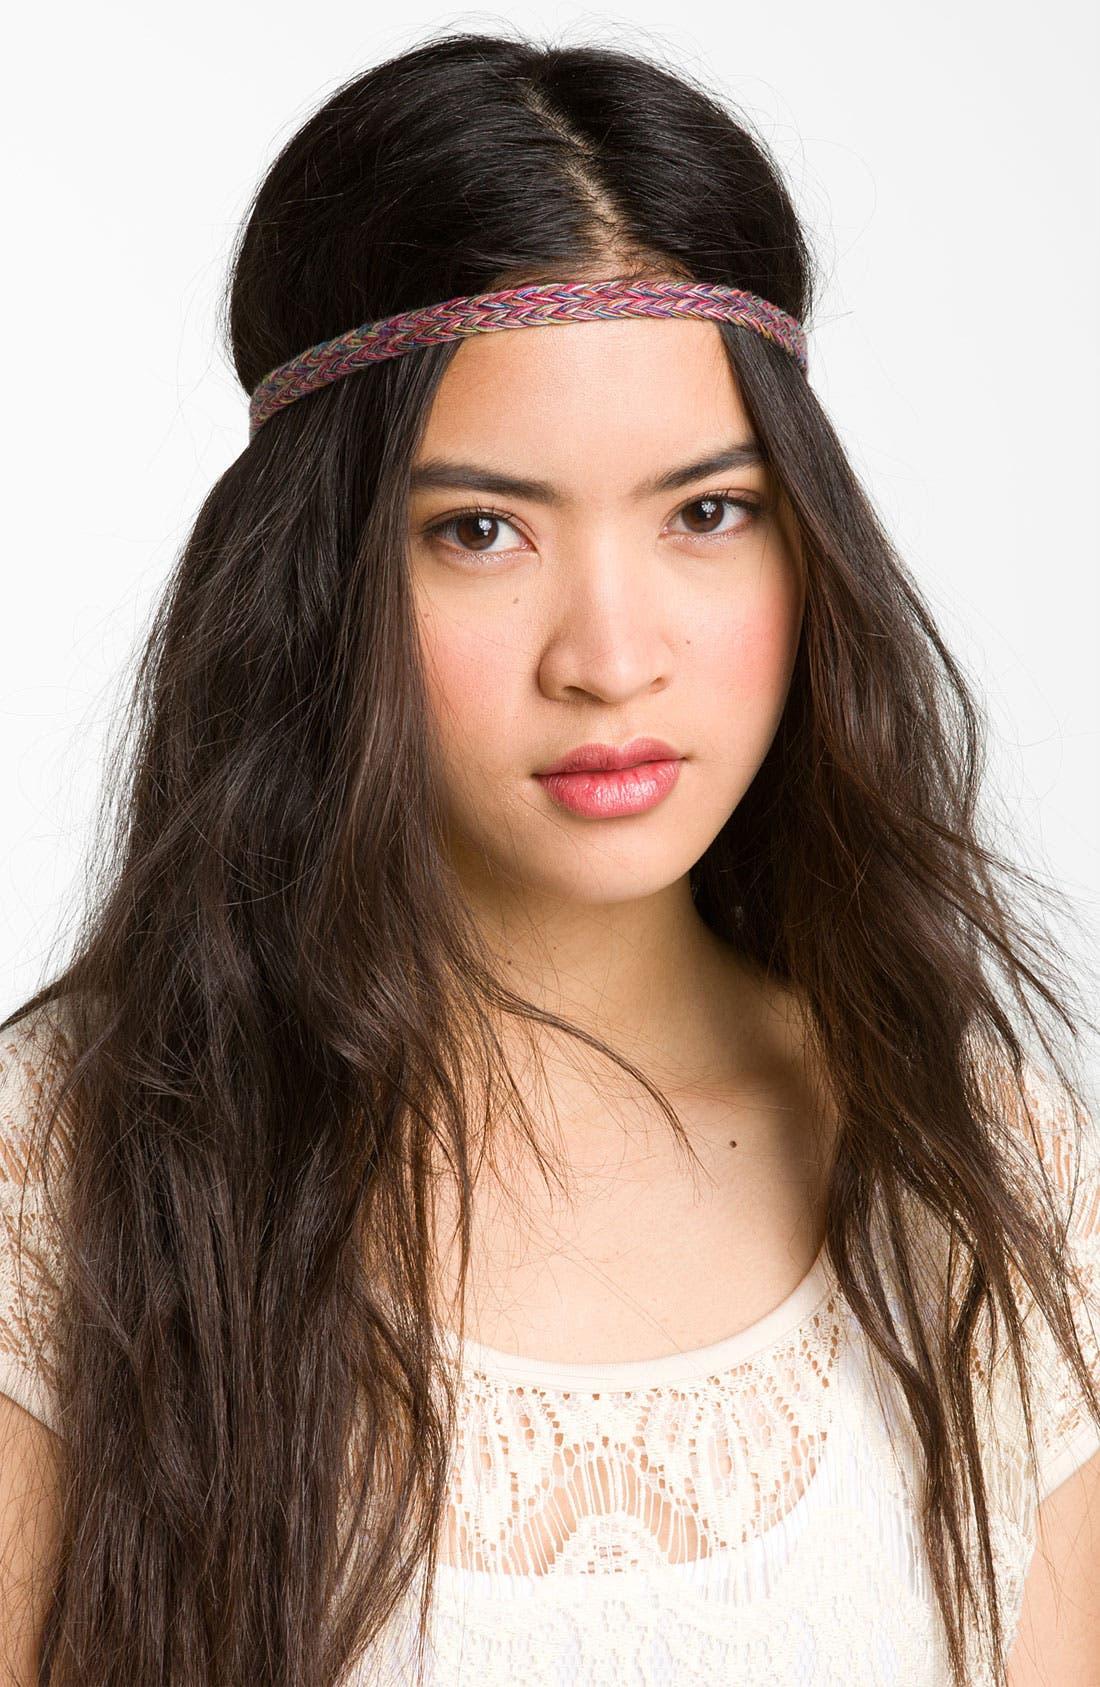 Alternate Image 1 Selected - Lulu Multicolor Braided Headband